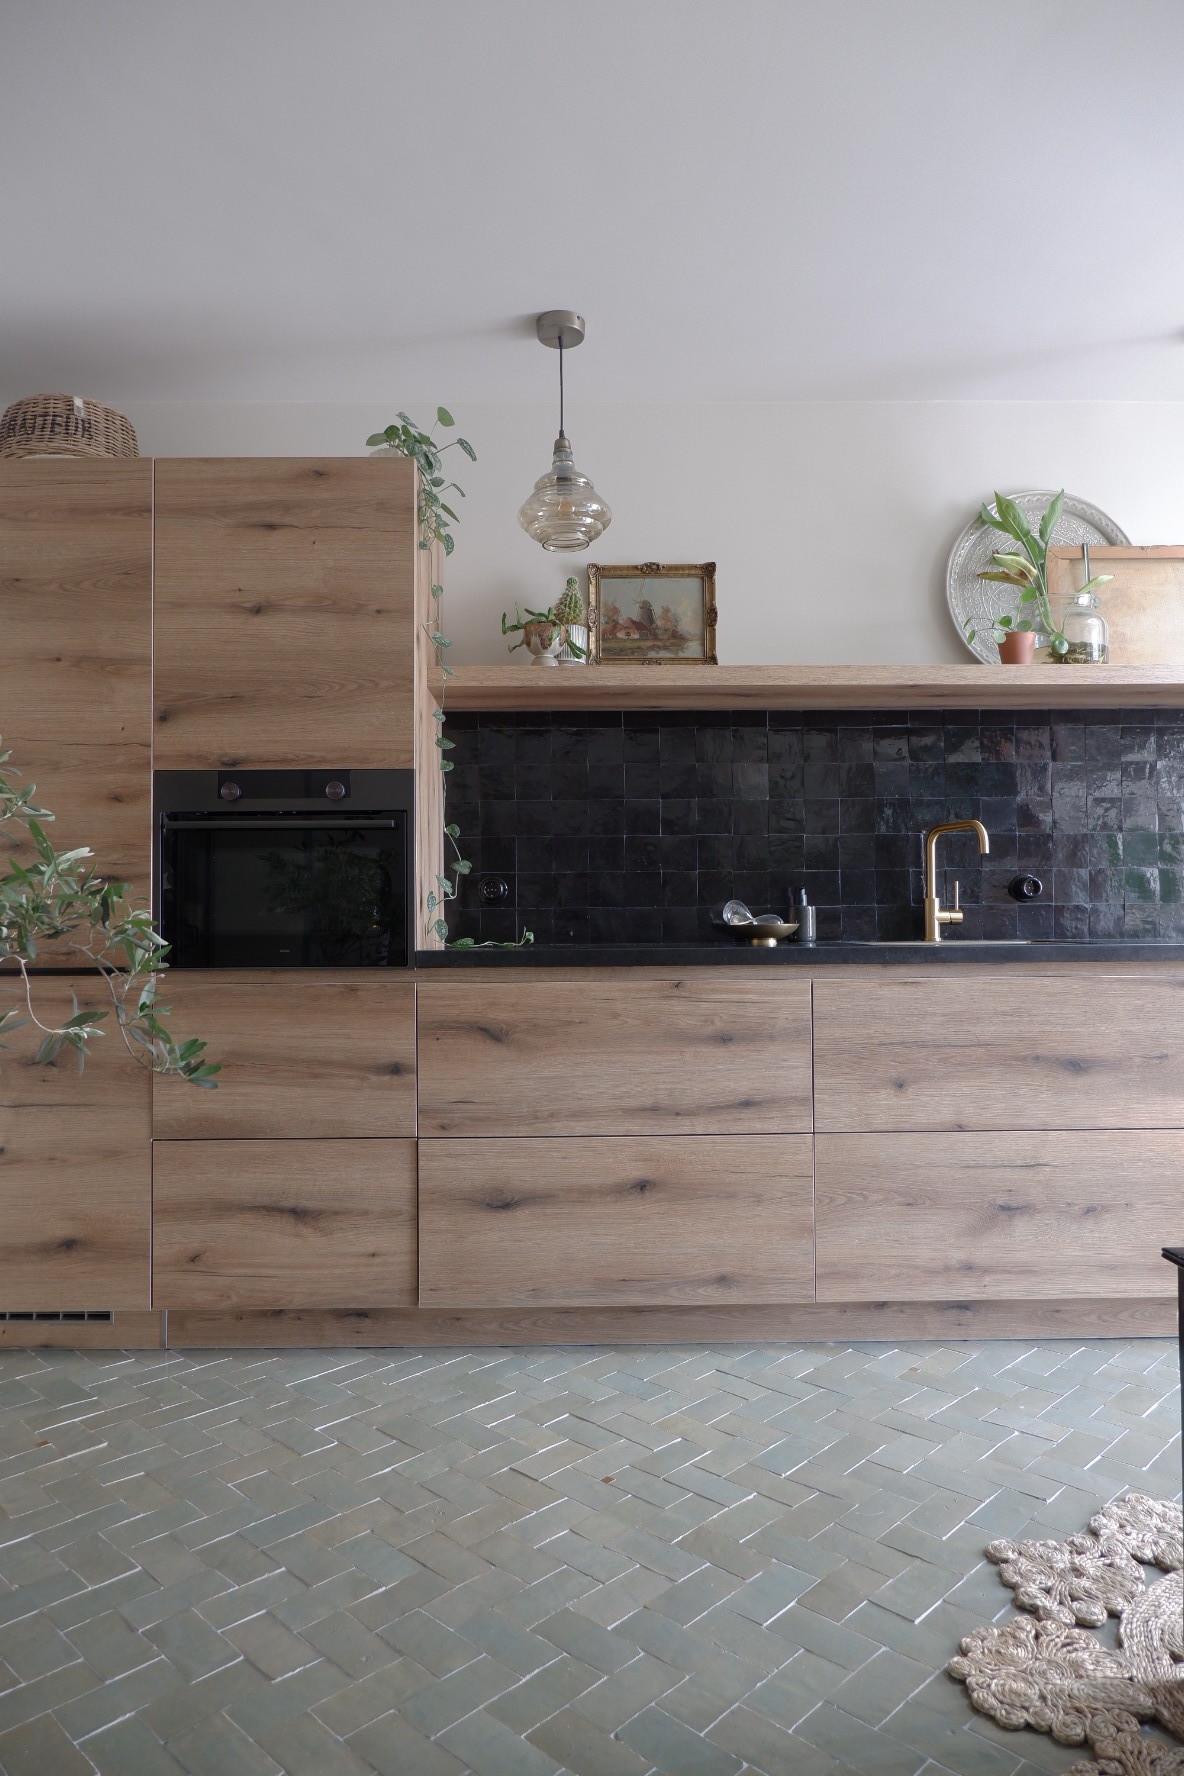 Designtegels houten keuken. Vloertegels Platta Vert Gris Foncee en op de achterwand Zellige Noir #keukentegels #designtegels #tegels #keuken #vloertegels #achterwand #houtenkeuken